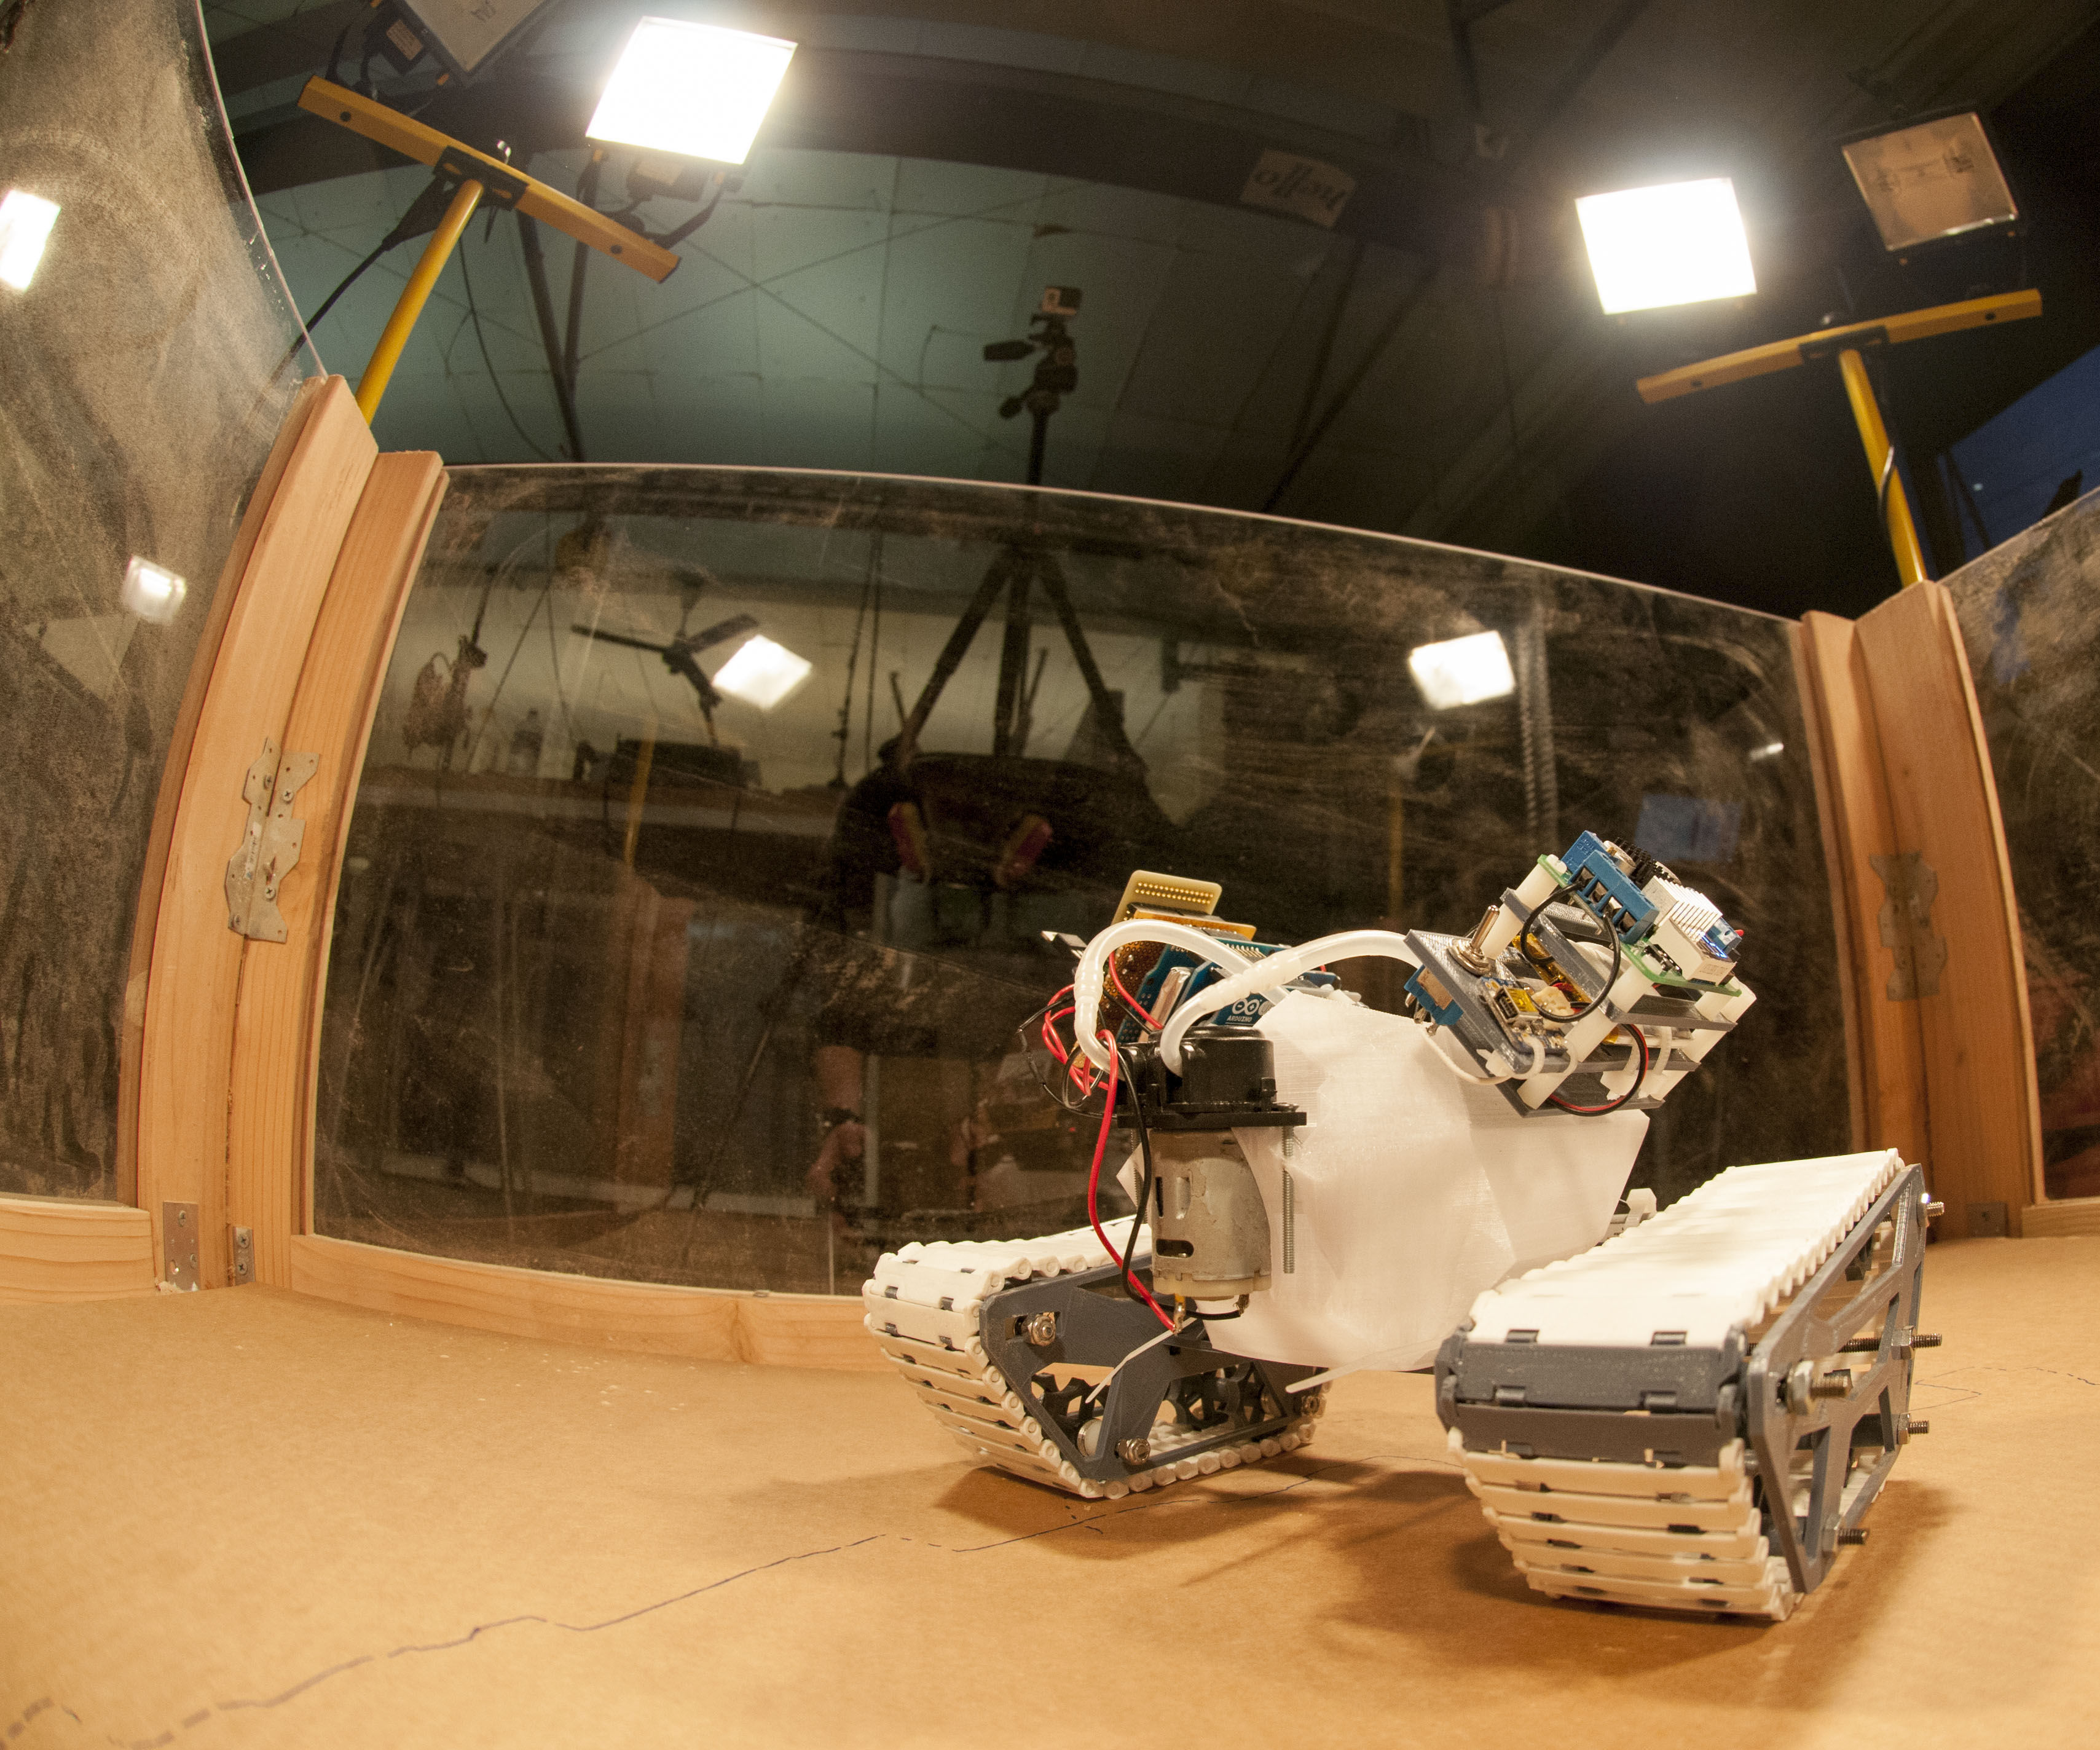 Swarmscapers: Autonomous Mobile 3D Printing Robots